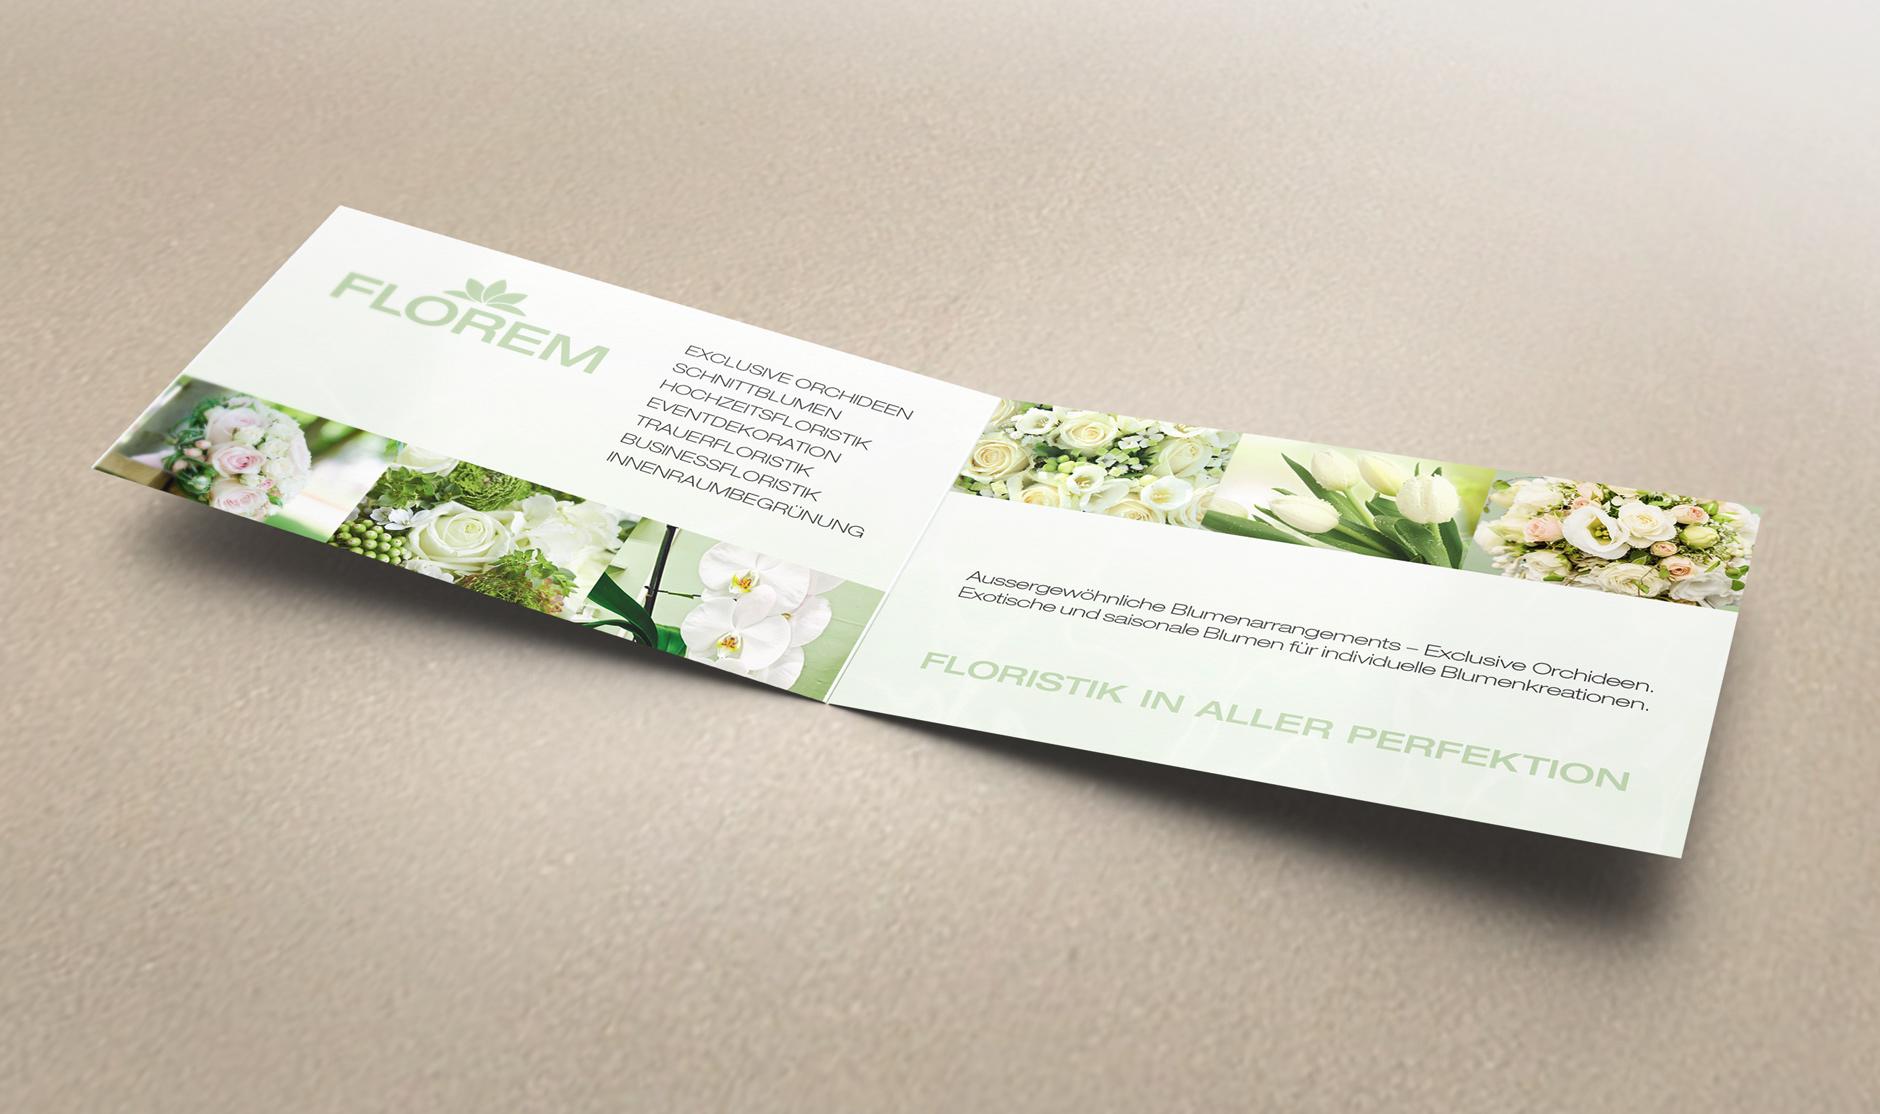 Visitenkarte Florem Tectra Design Grafikdesign Webdesign